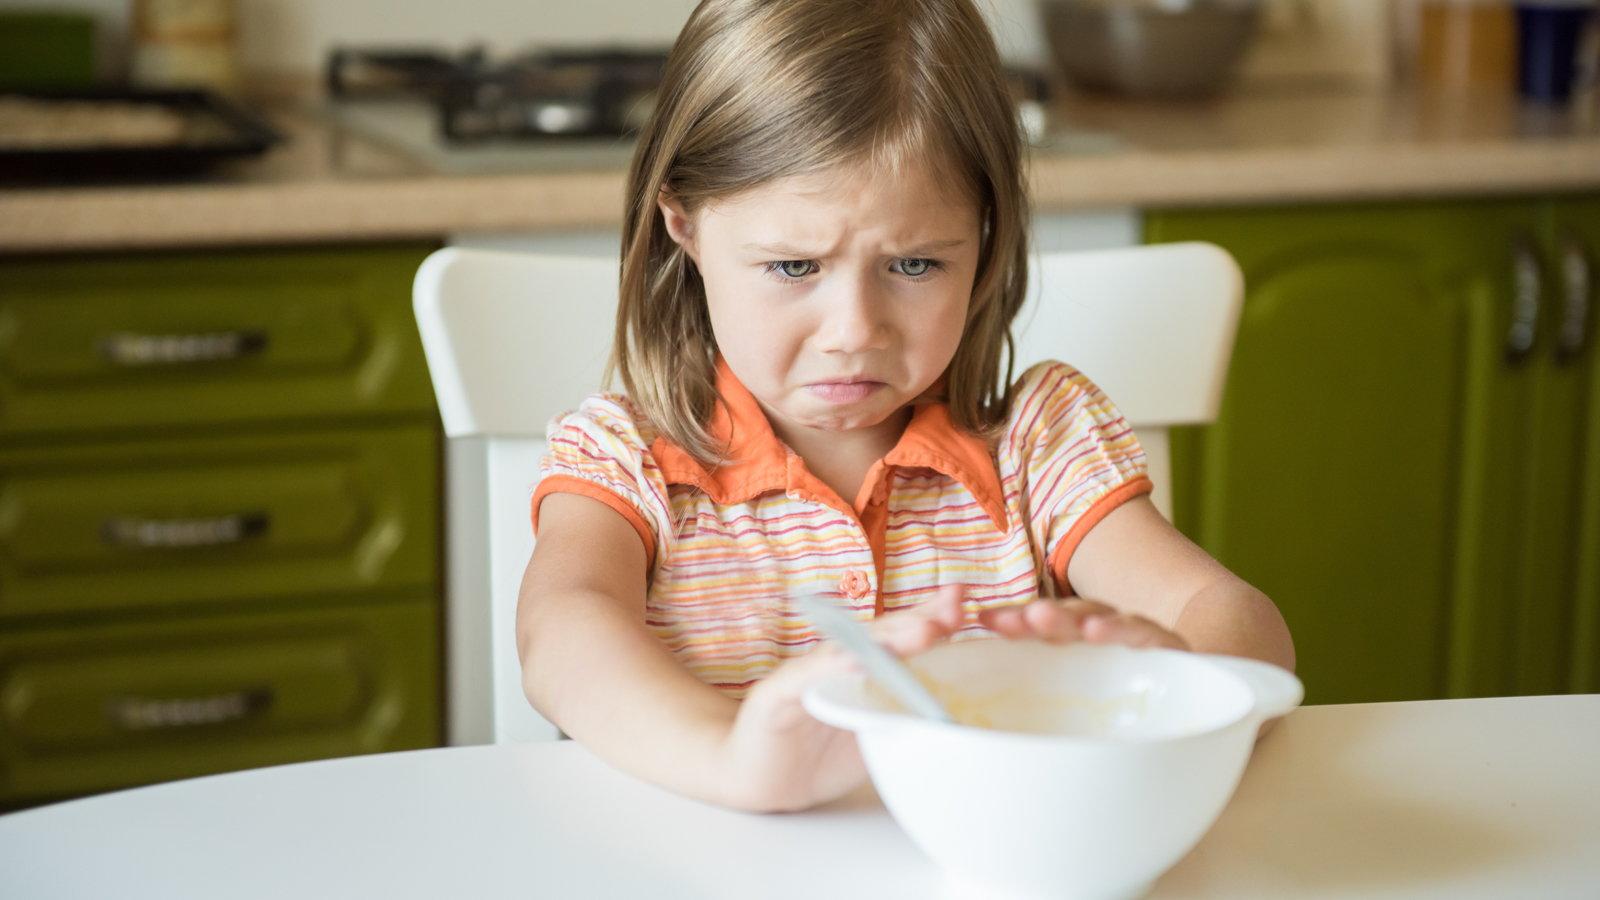 girl refusing breakfast